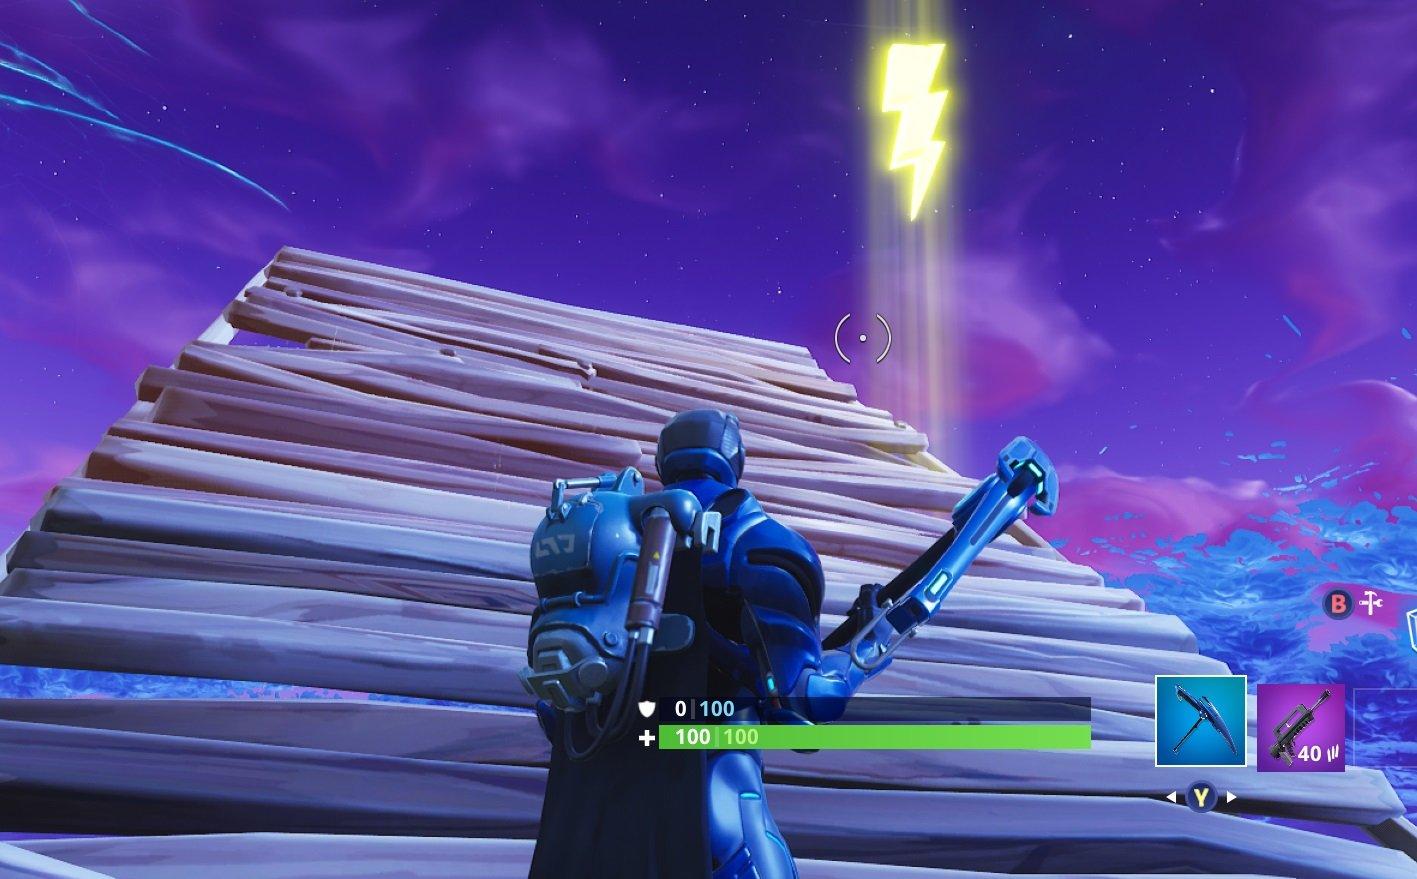 Lightning Bolt Locations Fortnite Season 5 All Floating Lightning Bolt Locations In Fortnite Allgamers